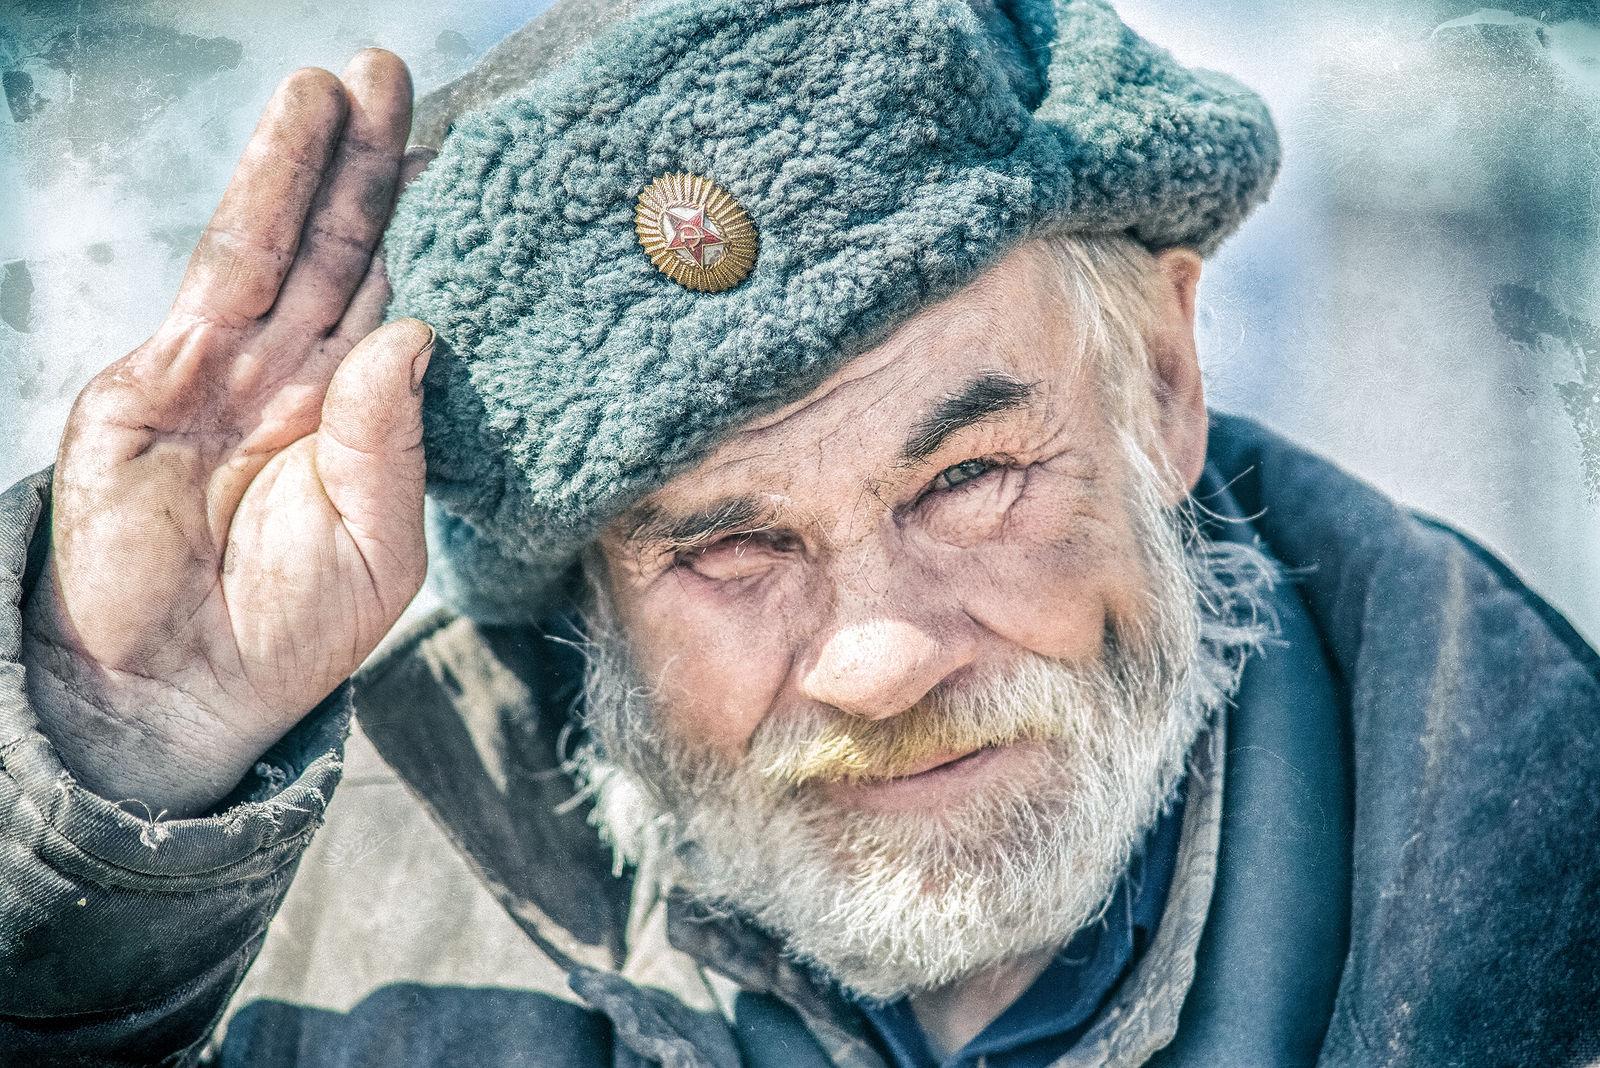 Старенький дед фото 2 фотография